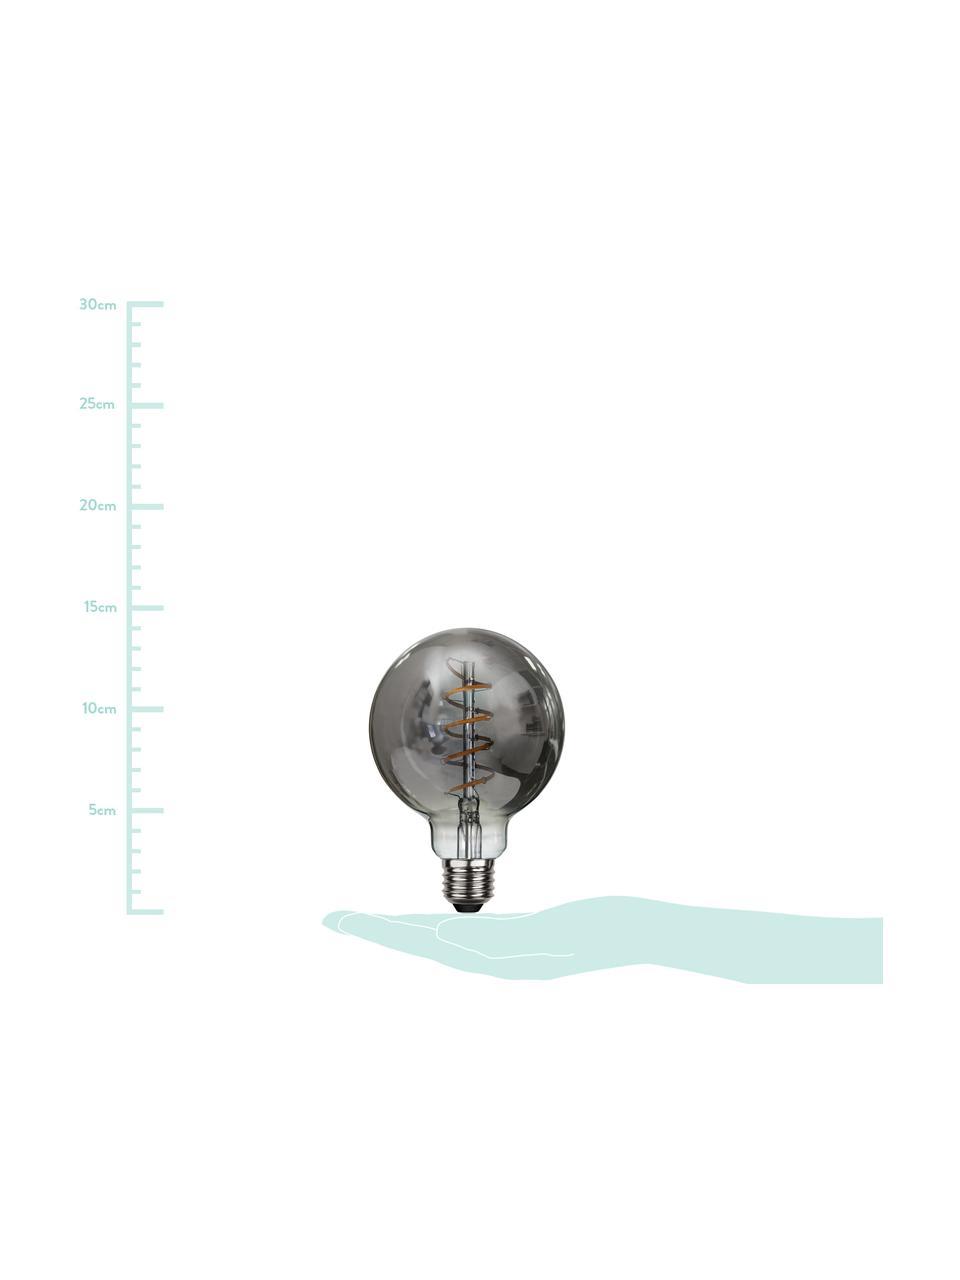 E27 Leuchtmittel, 4W, dimmbar, warmweiß, 1 Stück, Leuchtmittelschirm: Glas, Leuchtmittelfassung: Aluminium, Grau, transparent, Ø 10 x H 14 cm